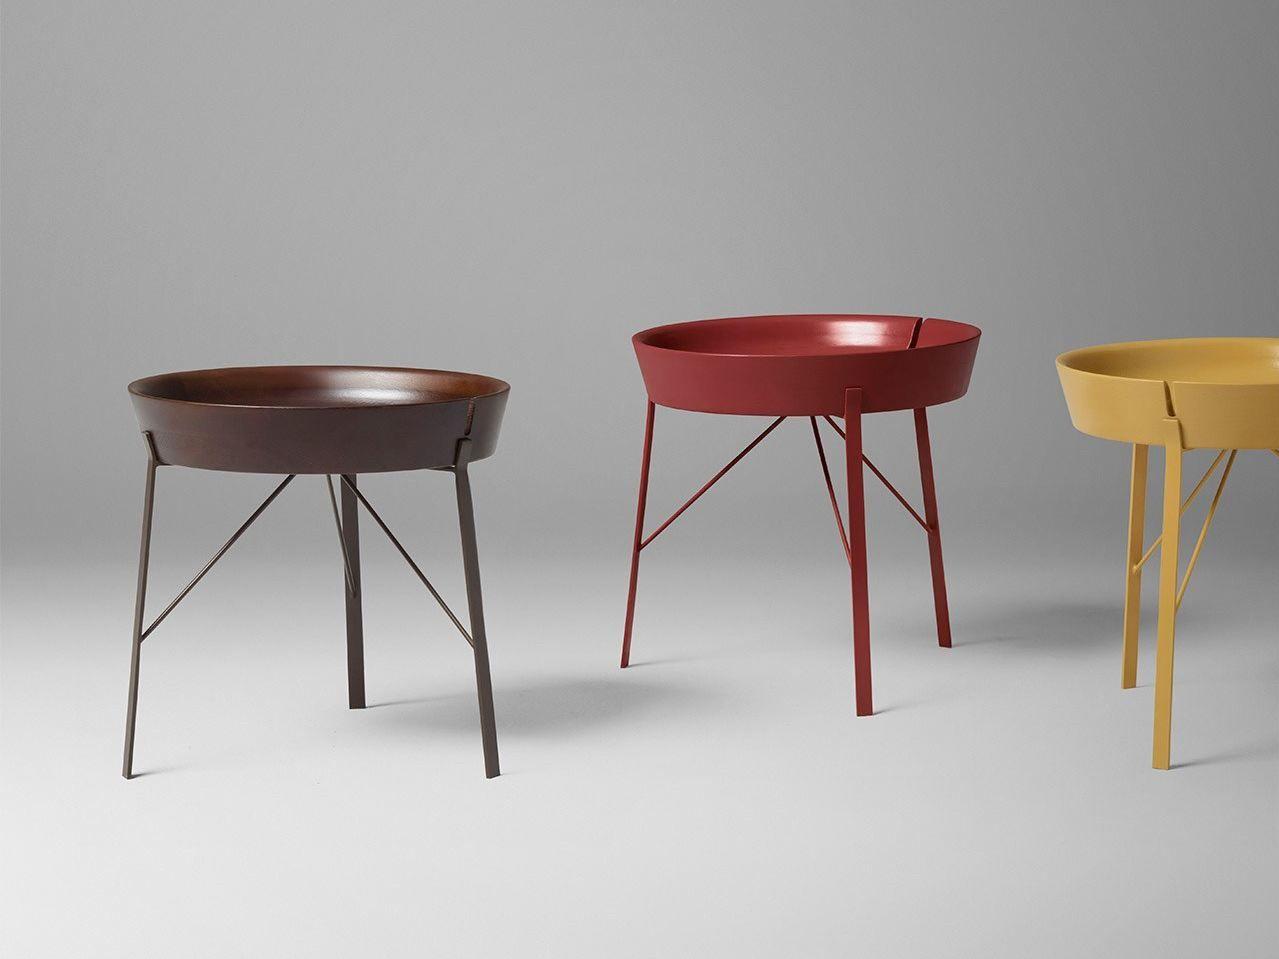 table basse ronde en bois avec plateau cocoon by alivar. Black Bedroom Furniture Sets. Home Design Ideas